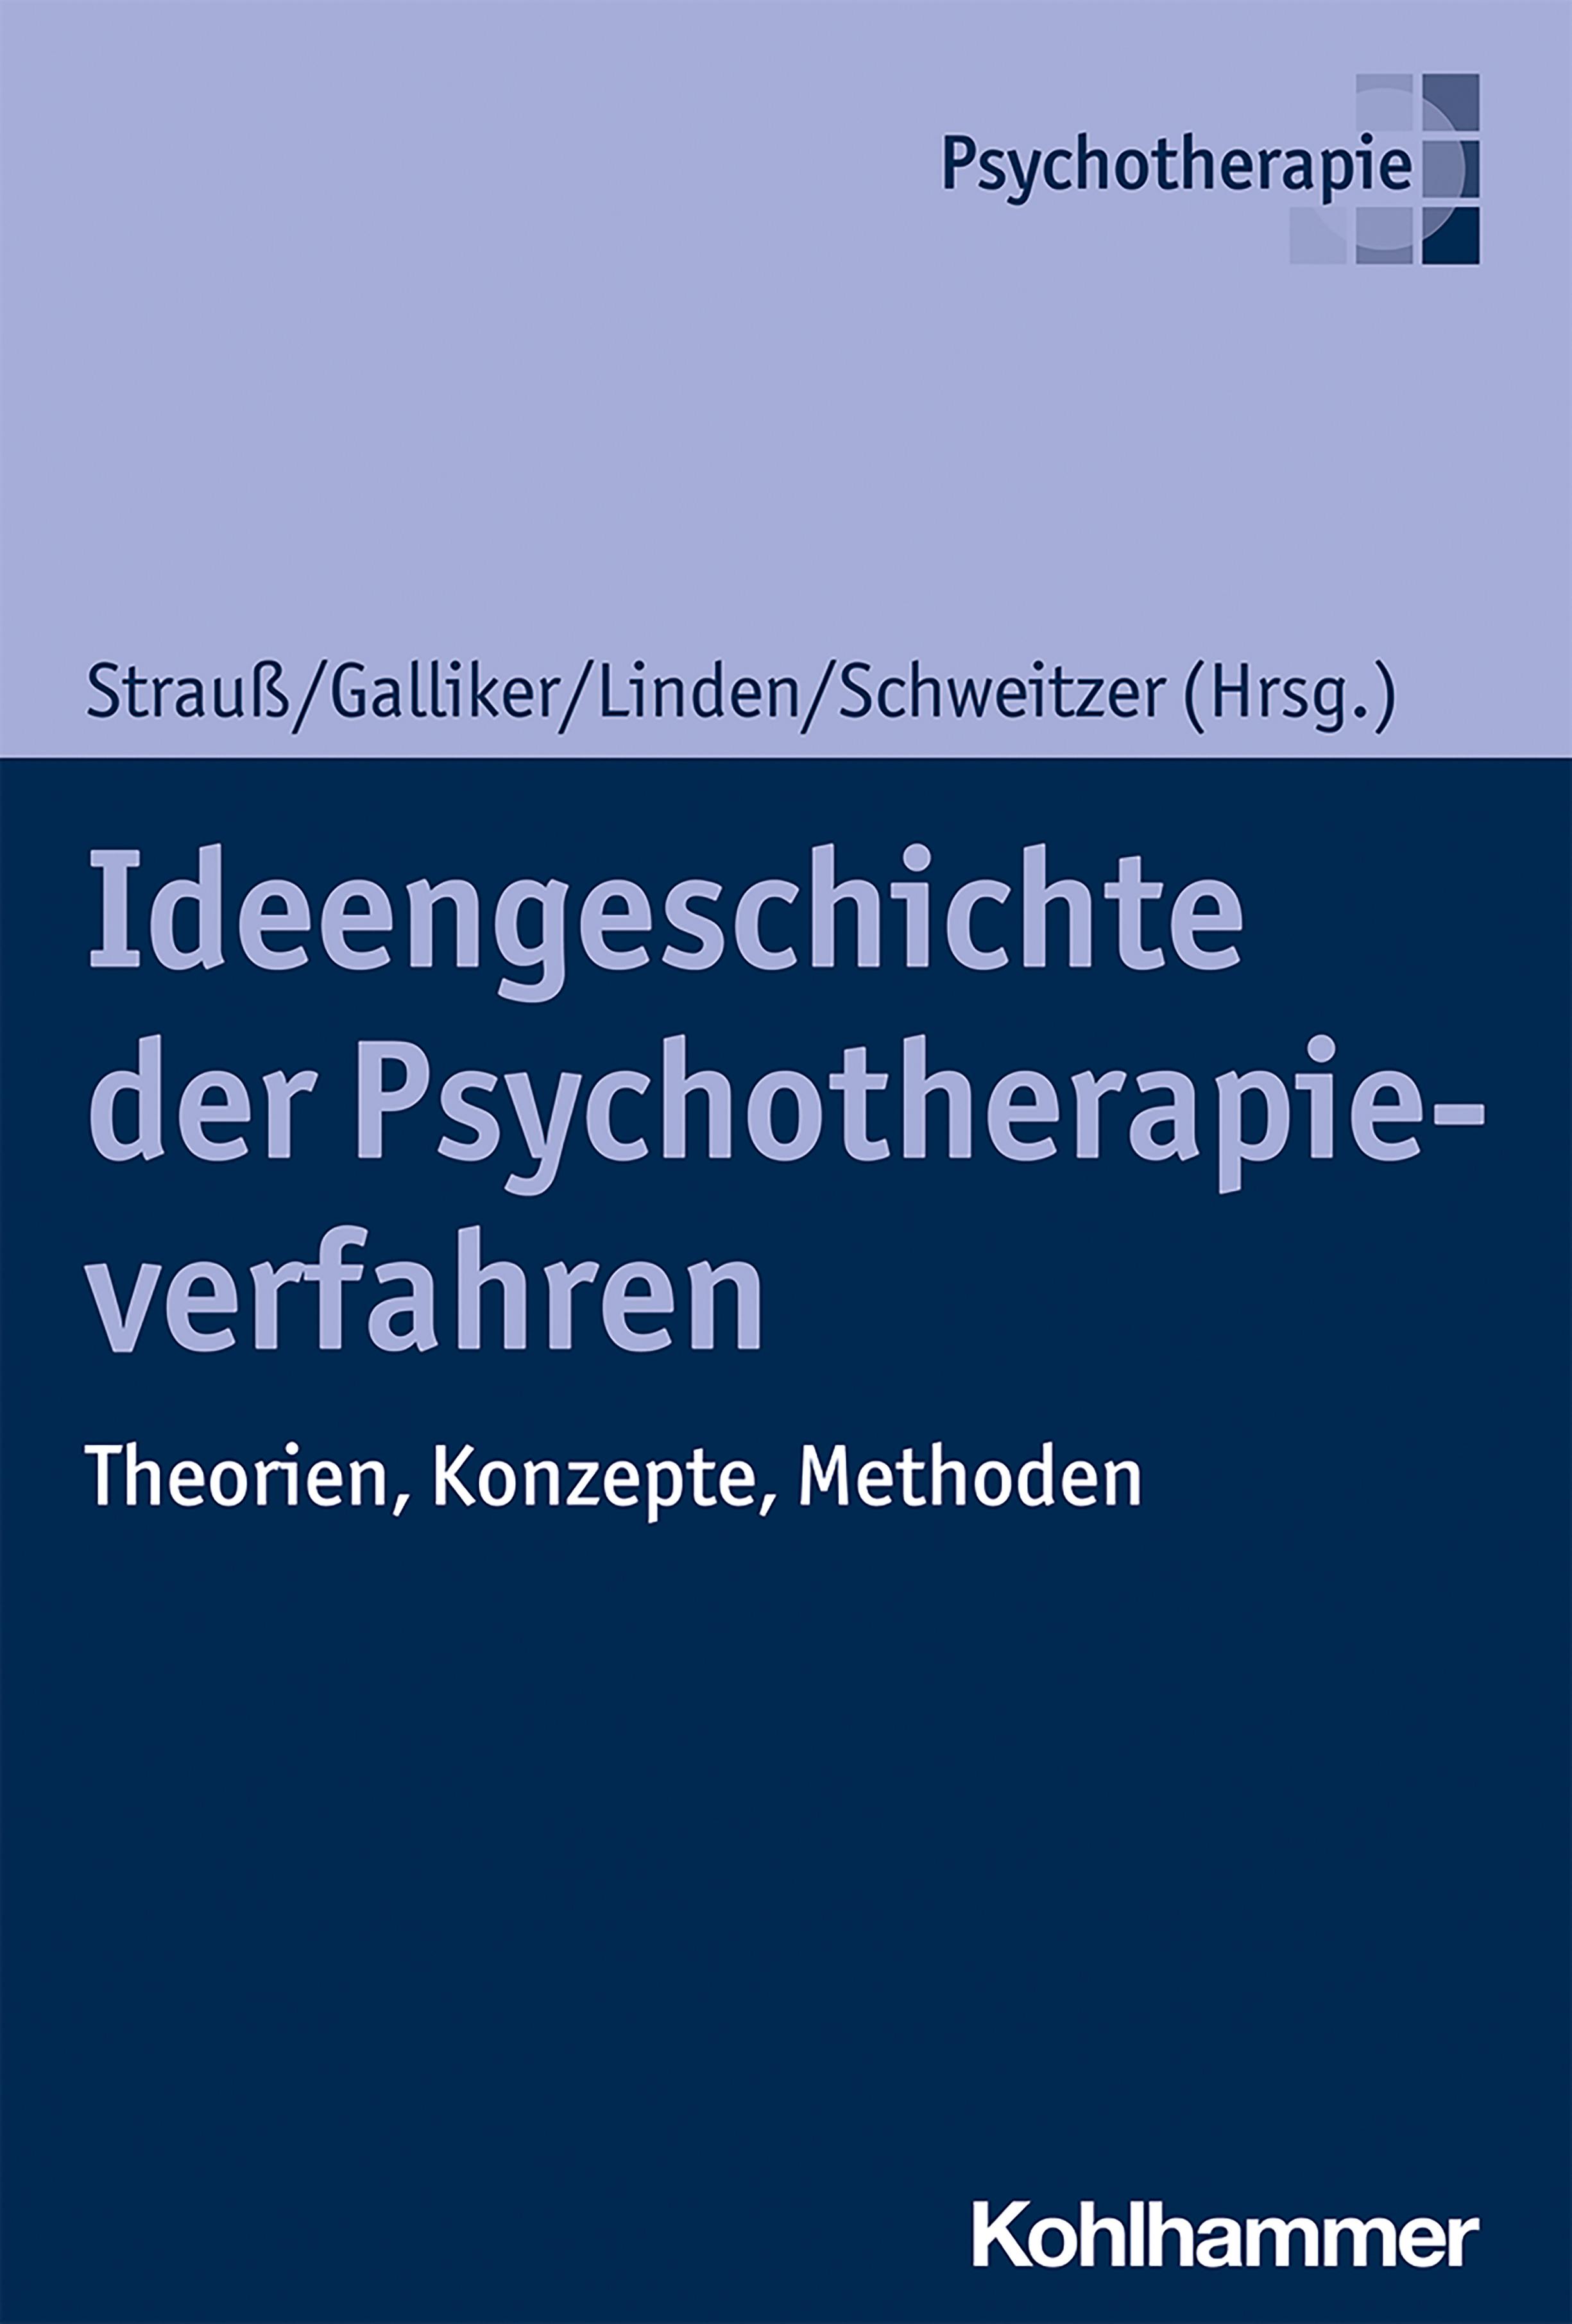 Ideengeschichte der Psychotherapieverfahren